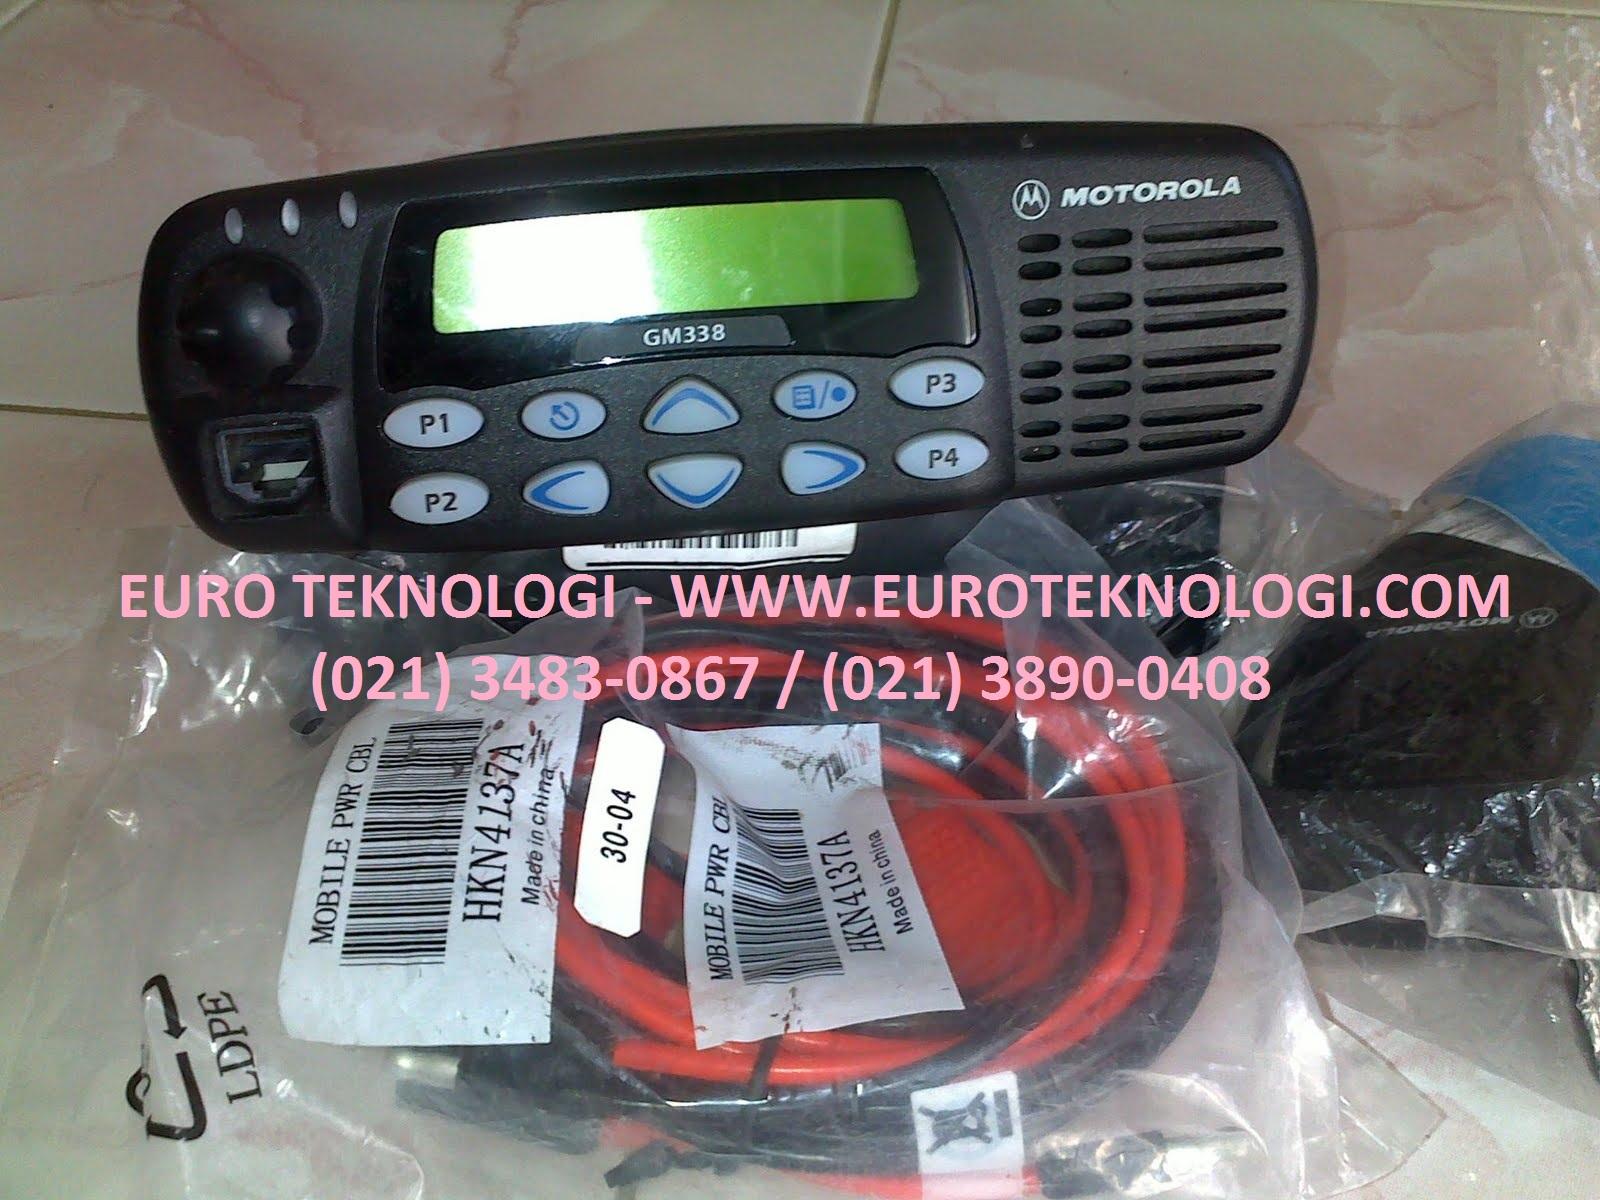 Jual Radio RIG Motorola GM-338 VHF/UHF Harga Termurah